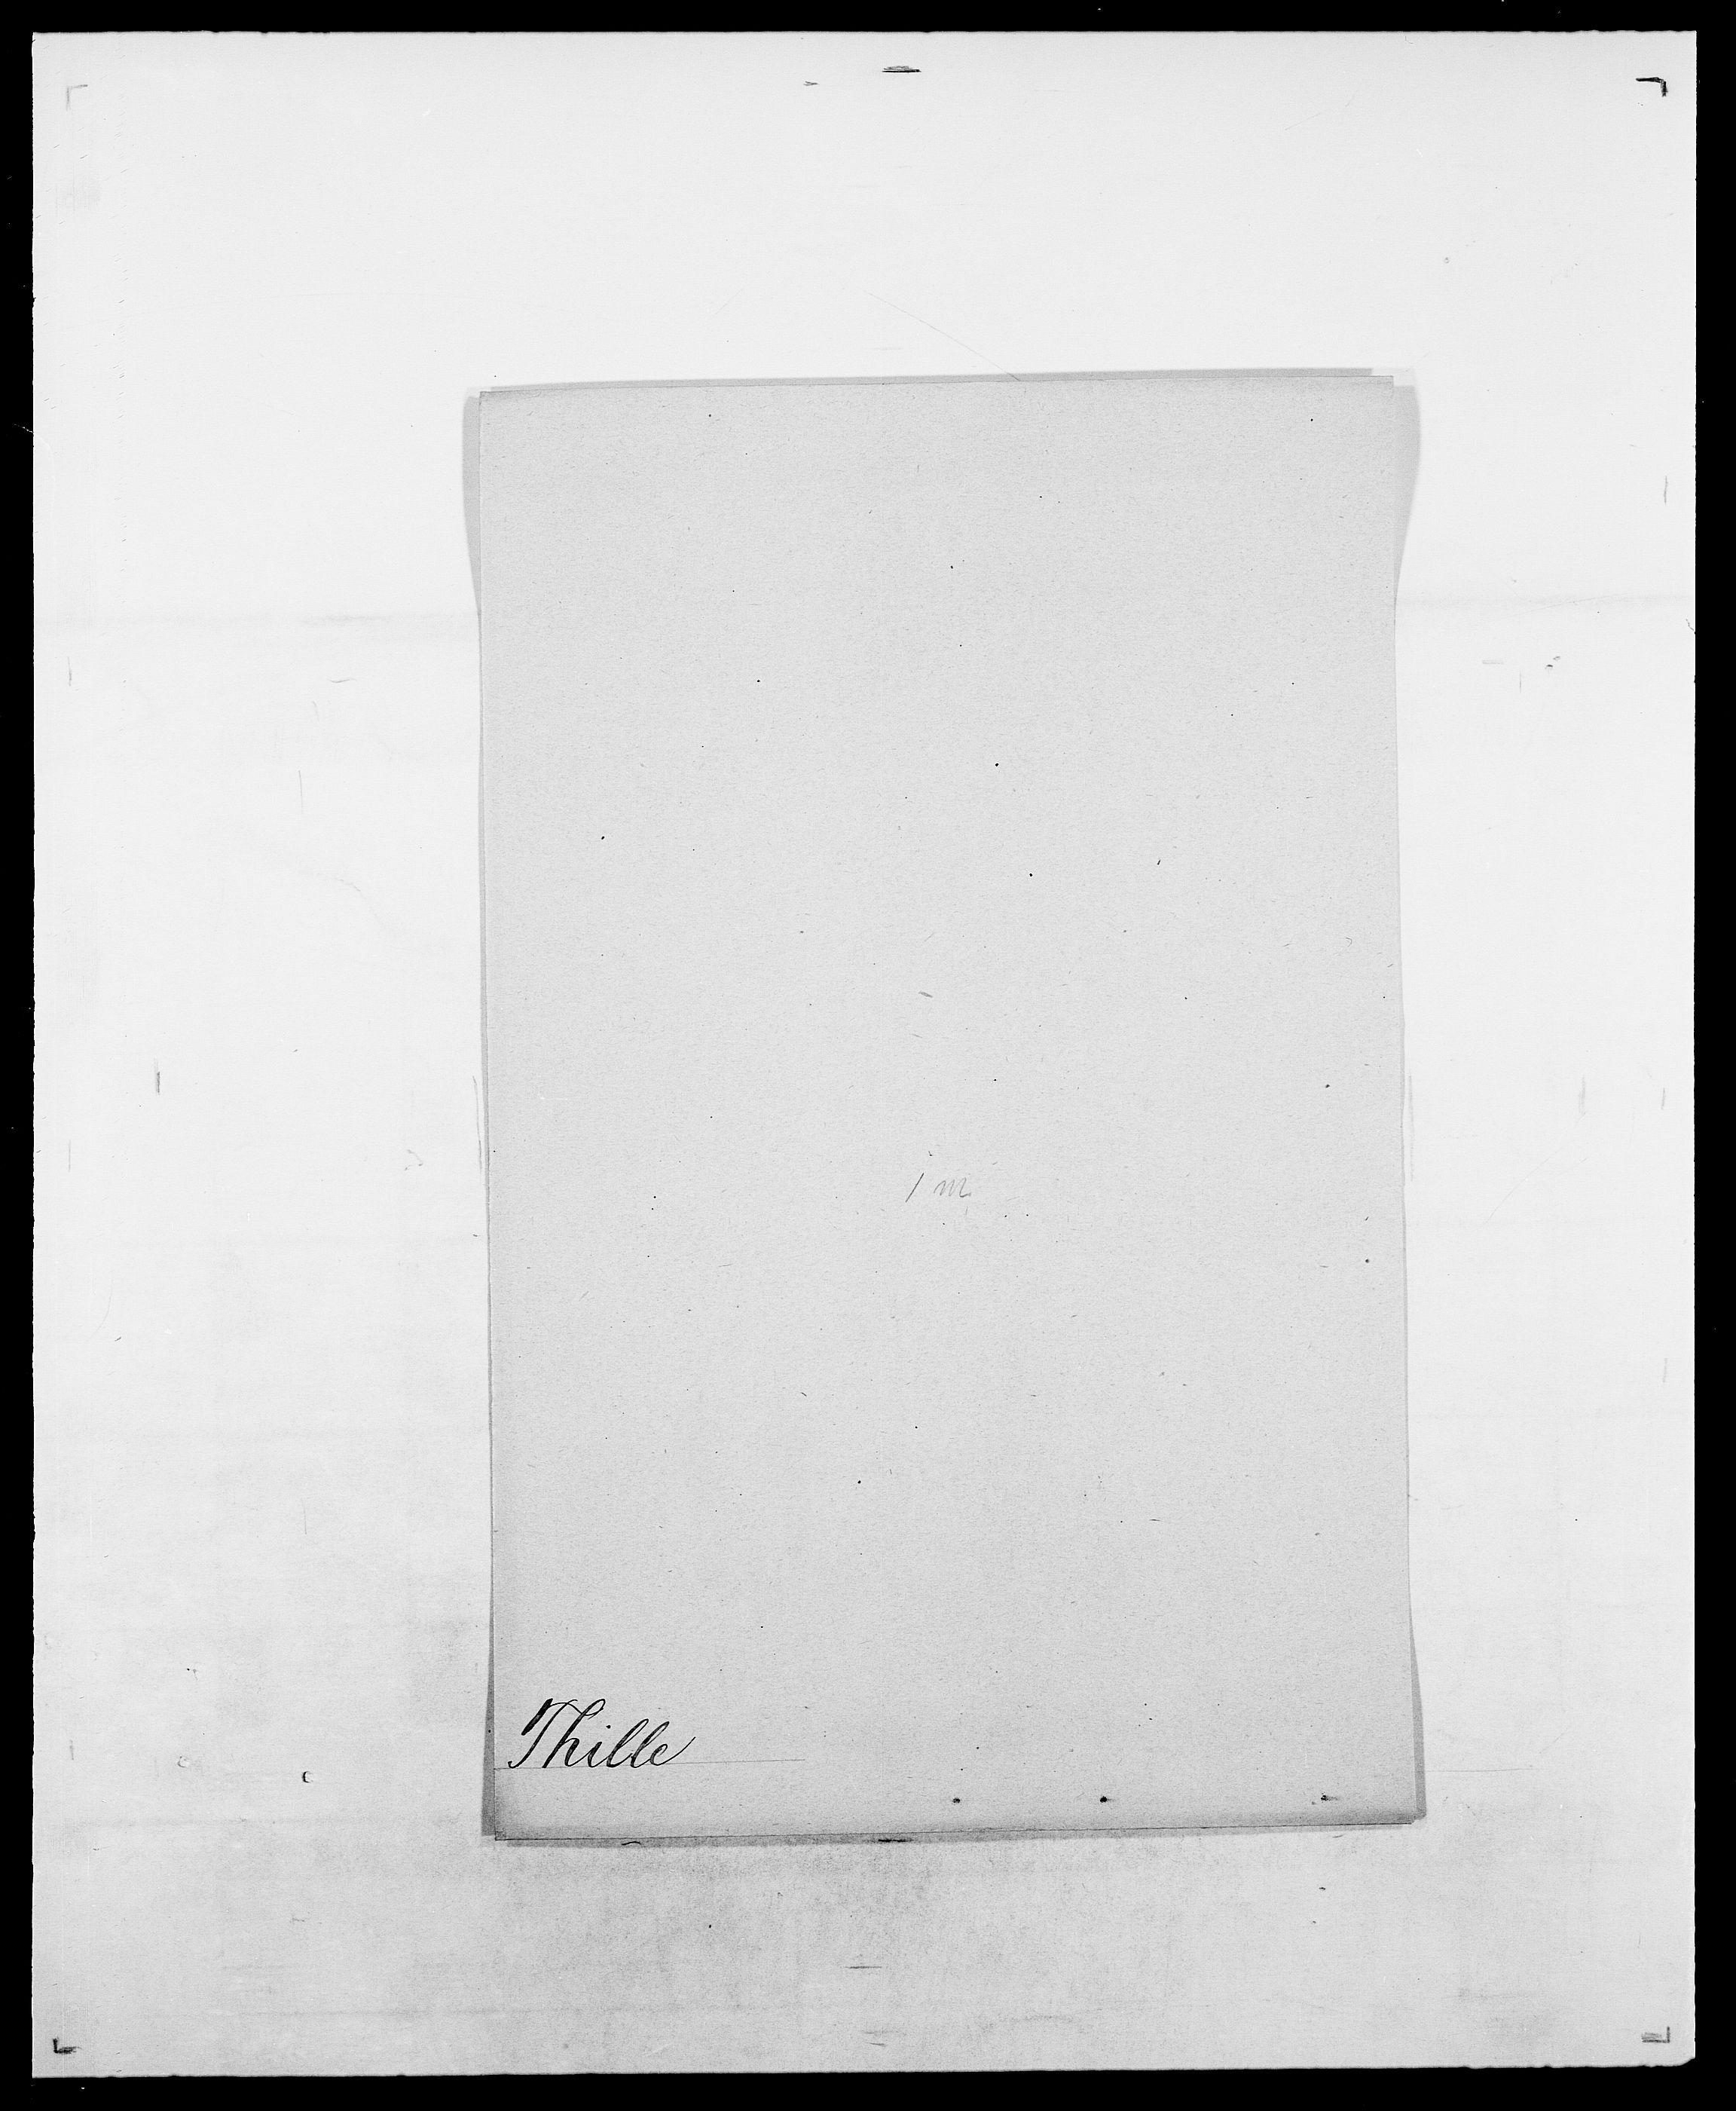 SAO, Delgobe, Charles Antoine - samling, D/Da/L0038: Svanenskjold - Thornsohn, s. 726